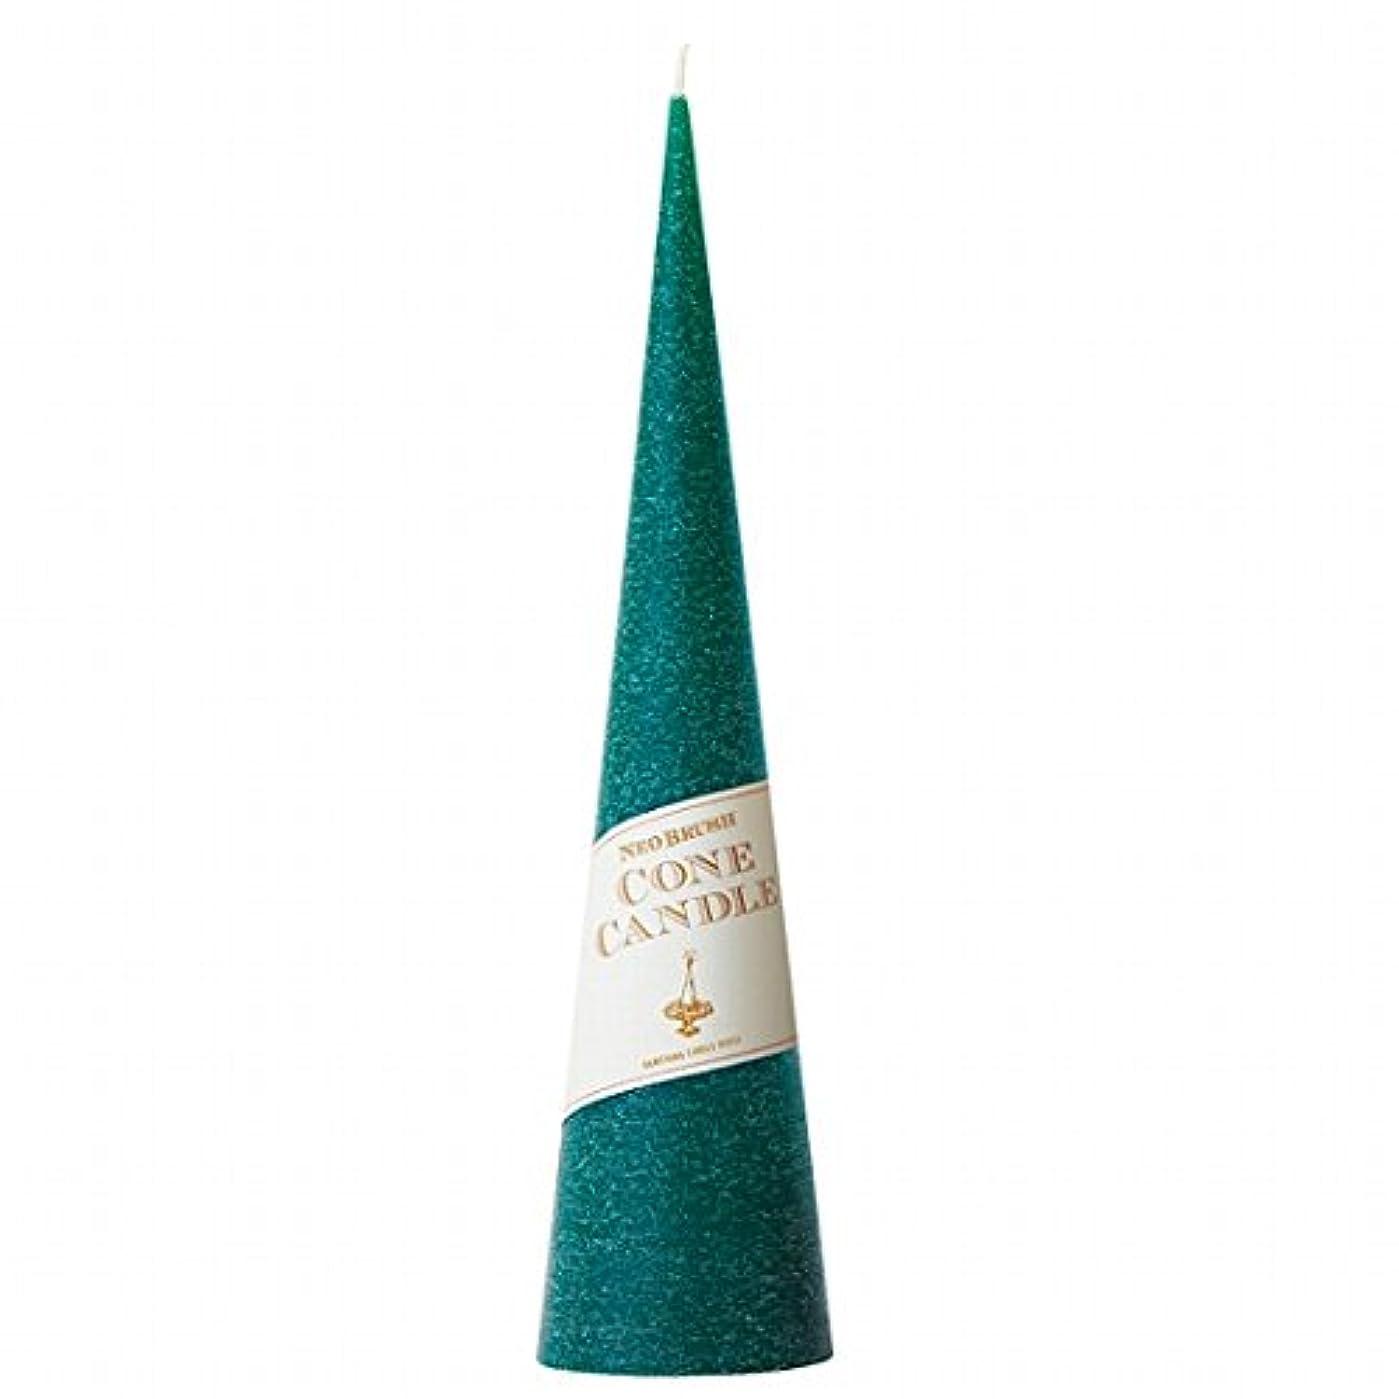 可愛い無秩序蘇生するカメヤマキャンドル(kameyama candle) ネオブラッシュコーン 295 キャンドル 「 グリーン 」